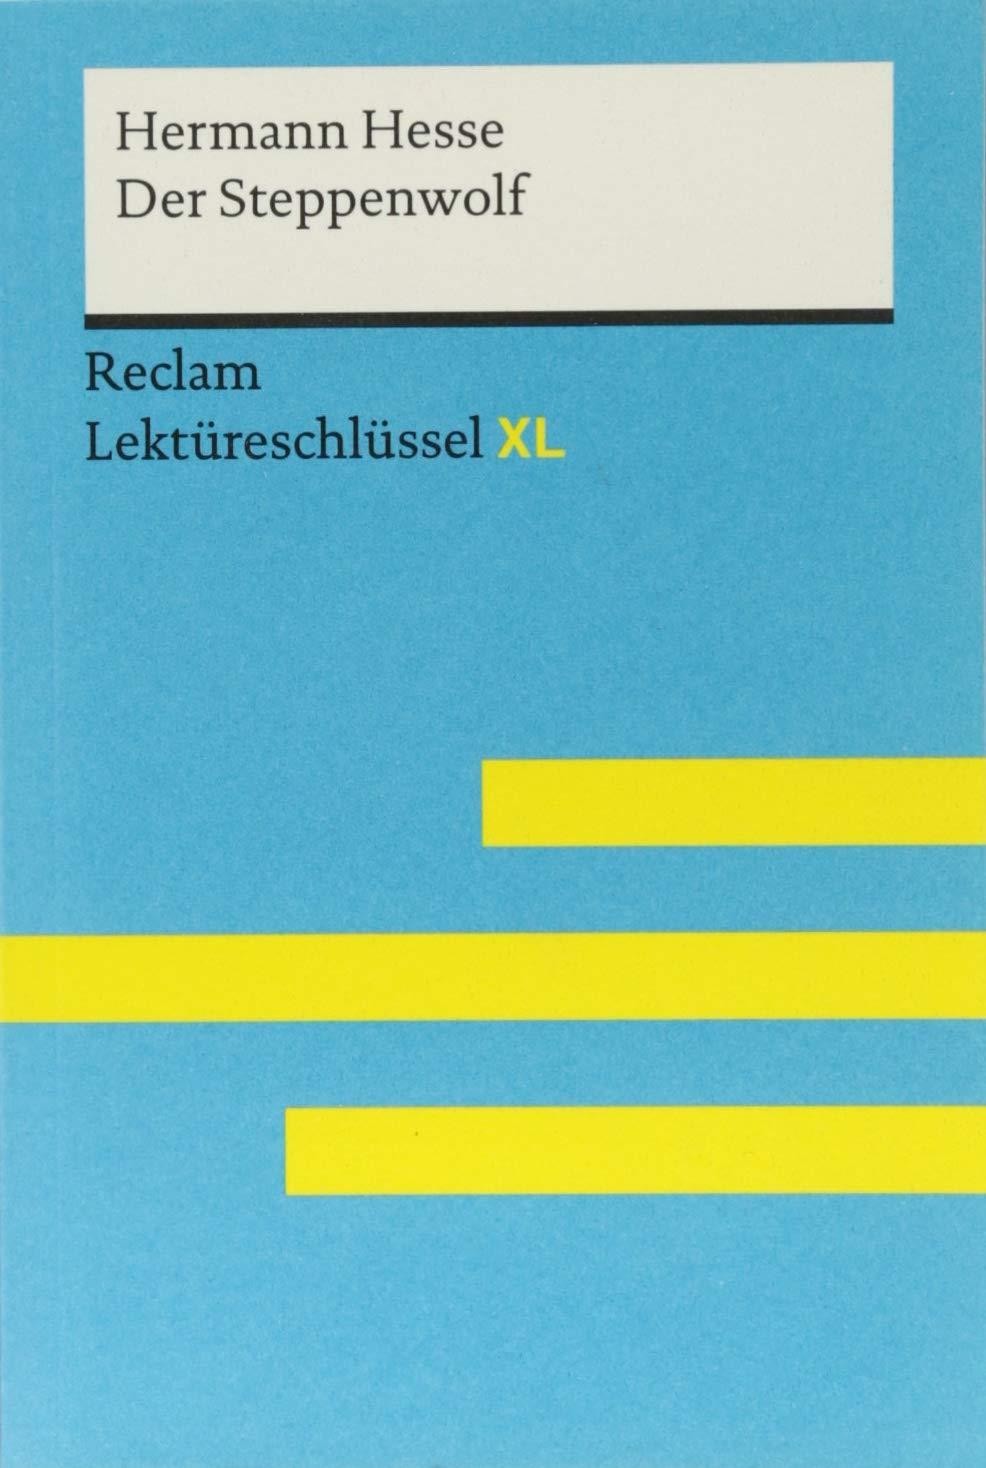 Der Steppenwolf von Hermann Hesse: Lektüreschlüssel mit Inhaltsangabe, Interpretation, Prüfungsaufgaben mit Lösungen, Lernglossar. (Reclam Lektüreschlüssel XL)